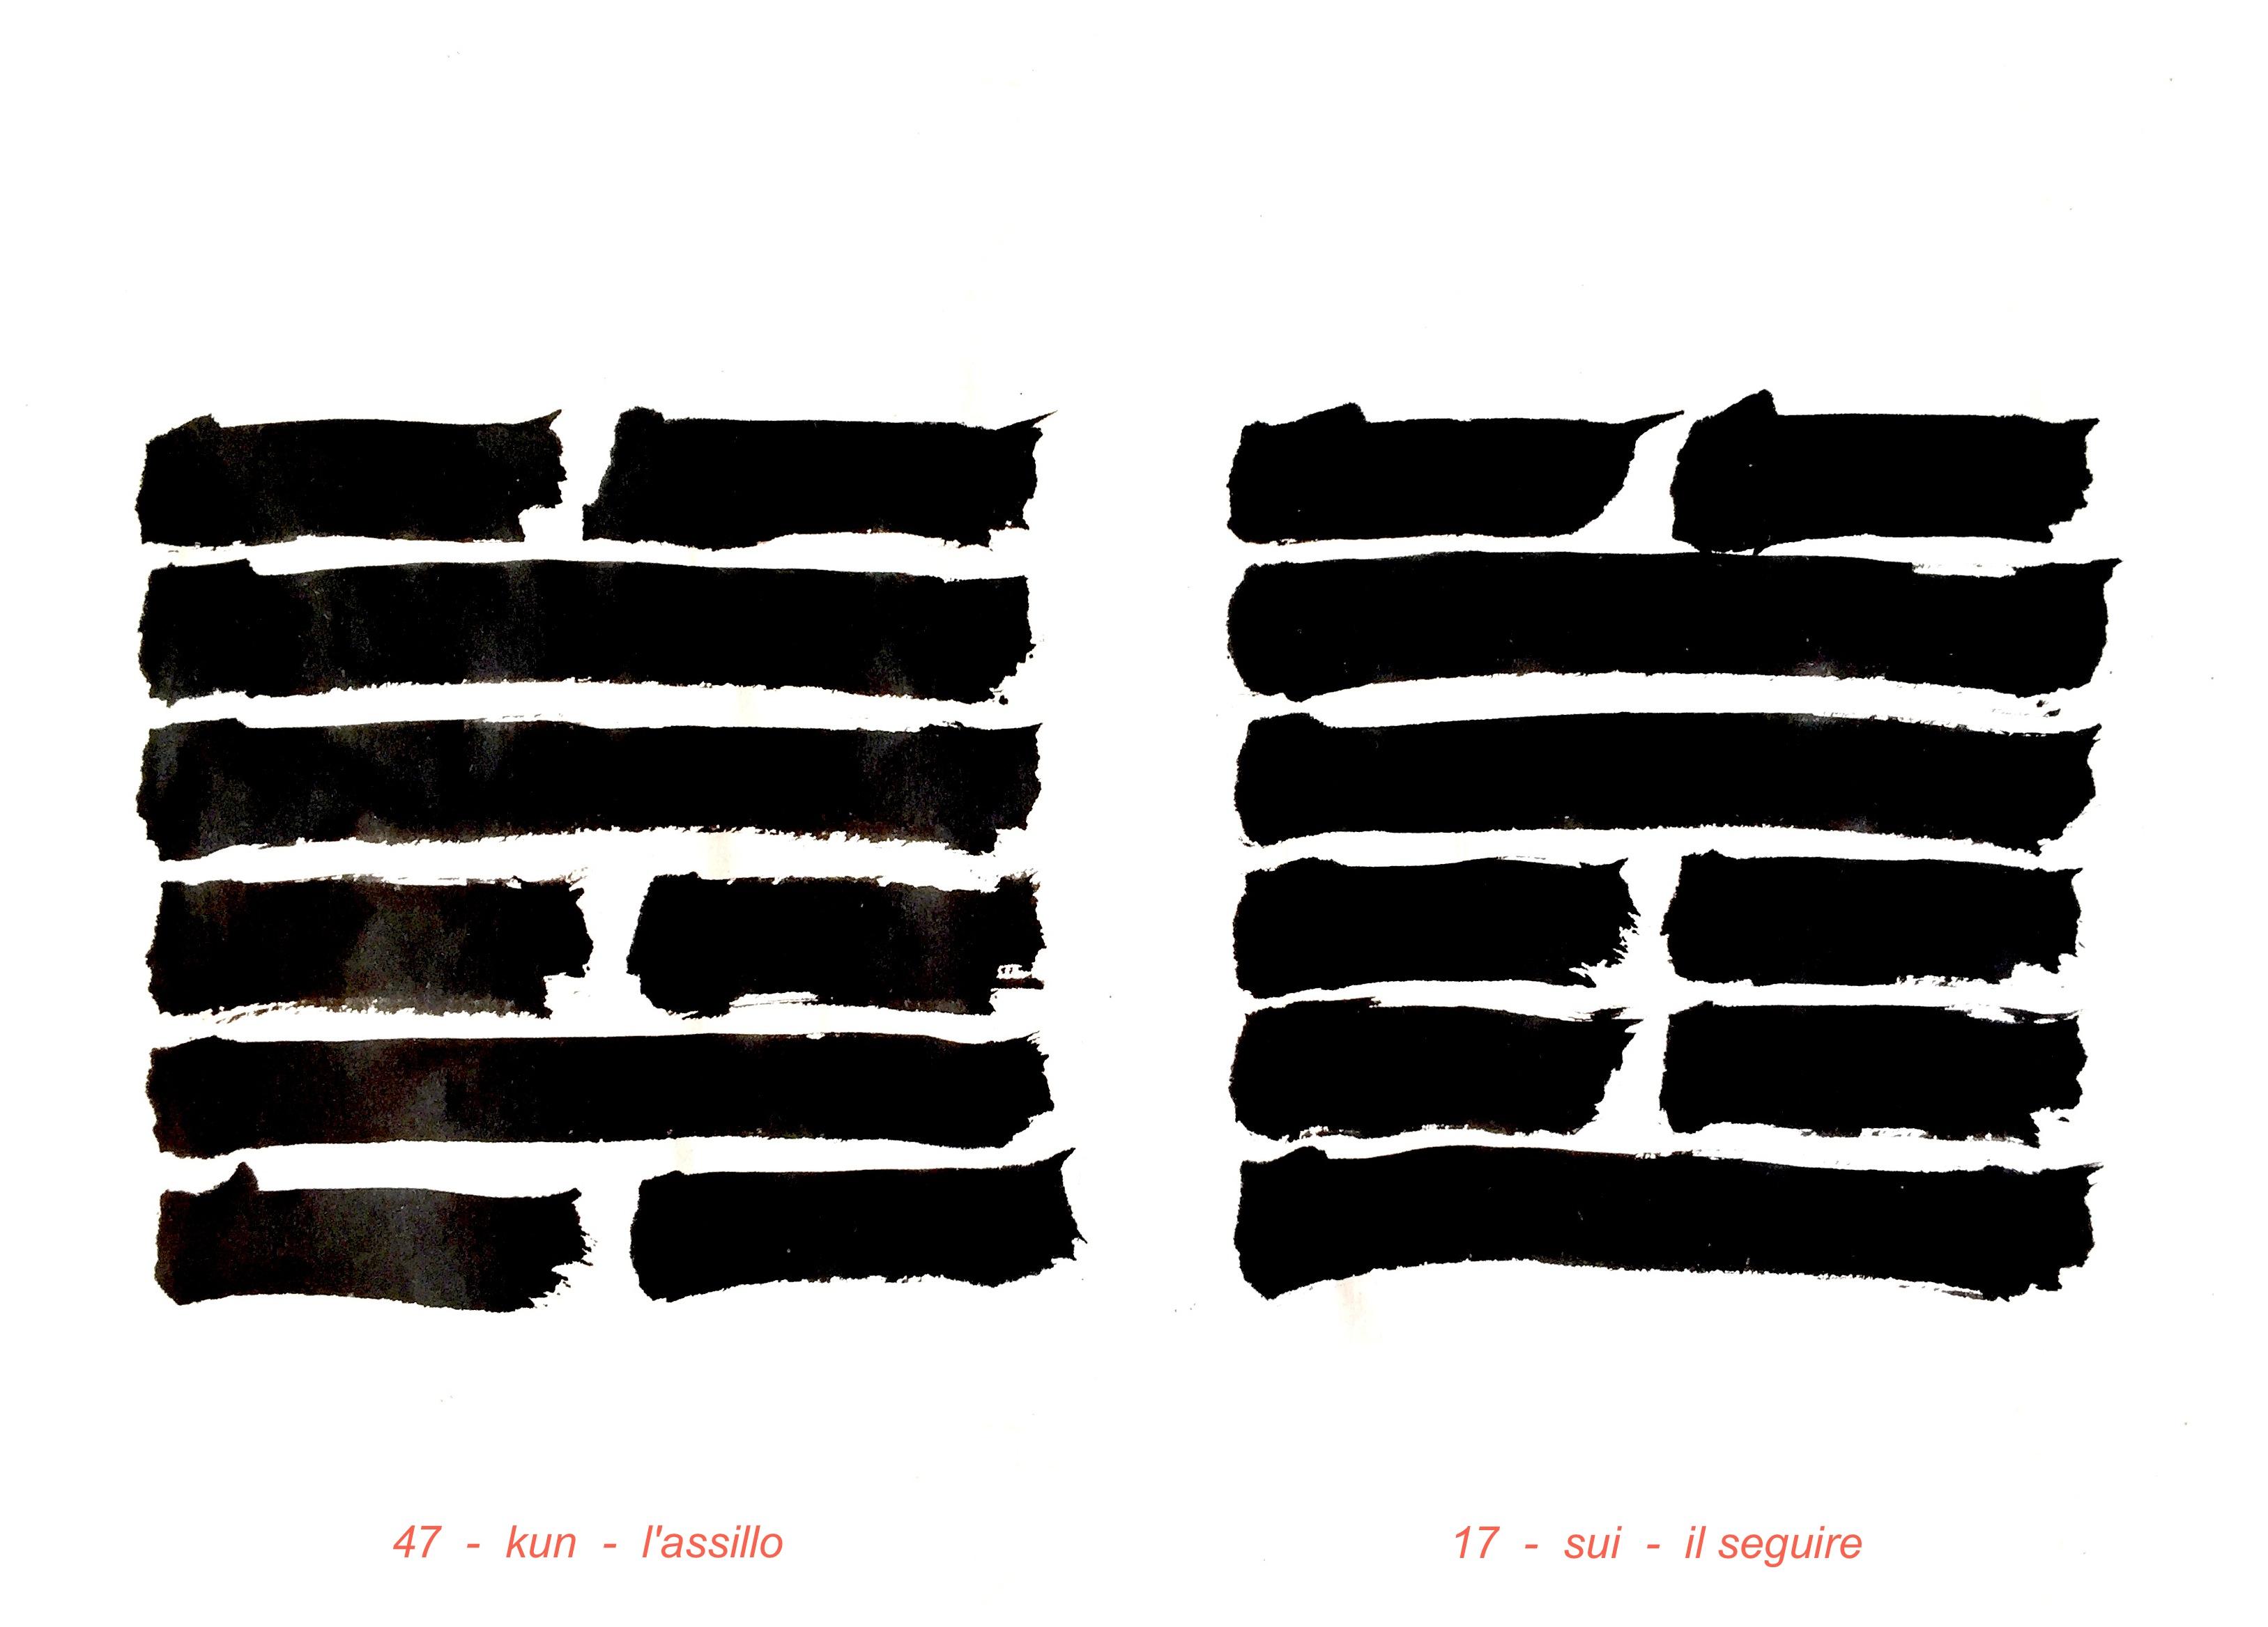 I Ching esagrammi 17 e 47 Il seguire e L'assillo